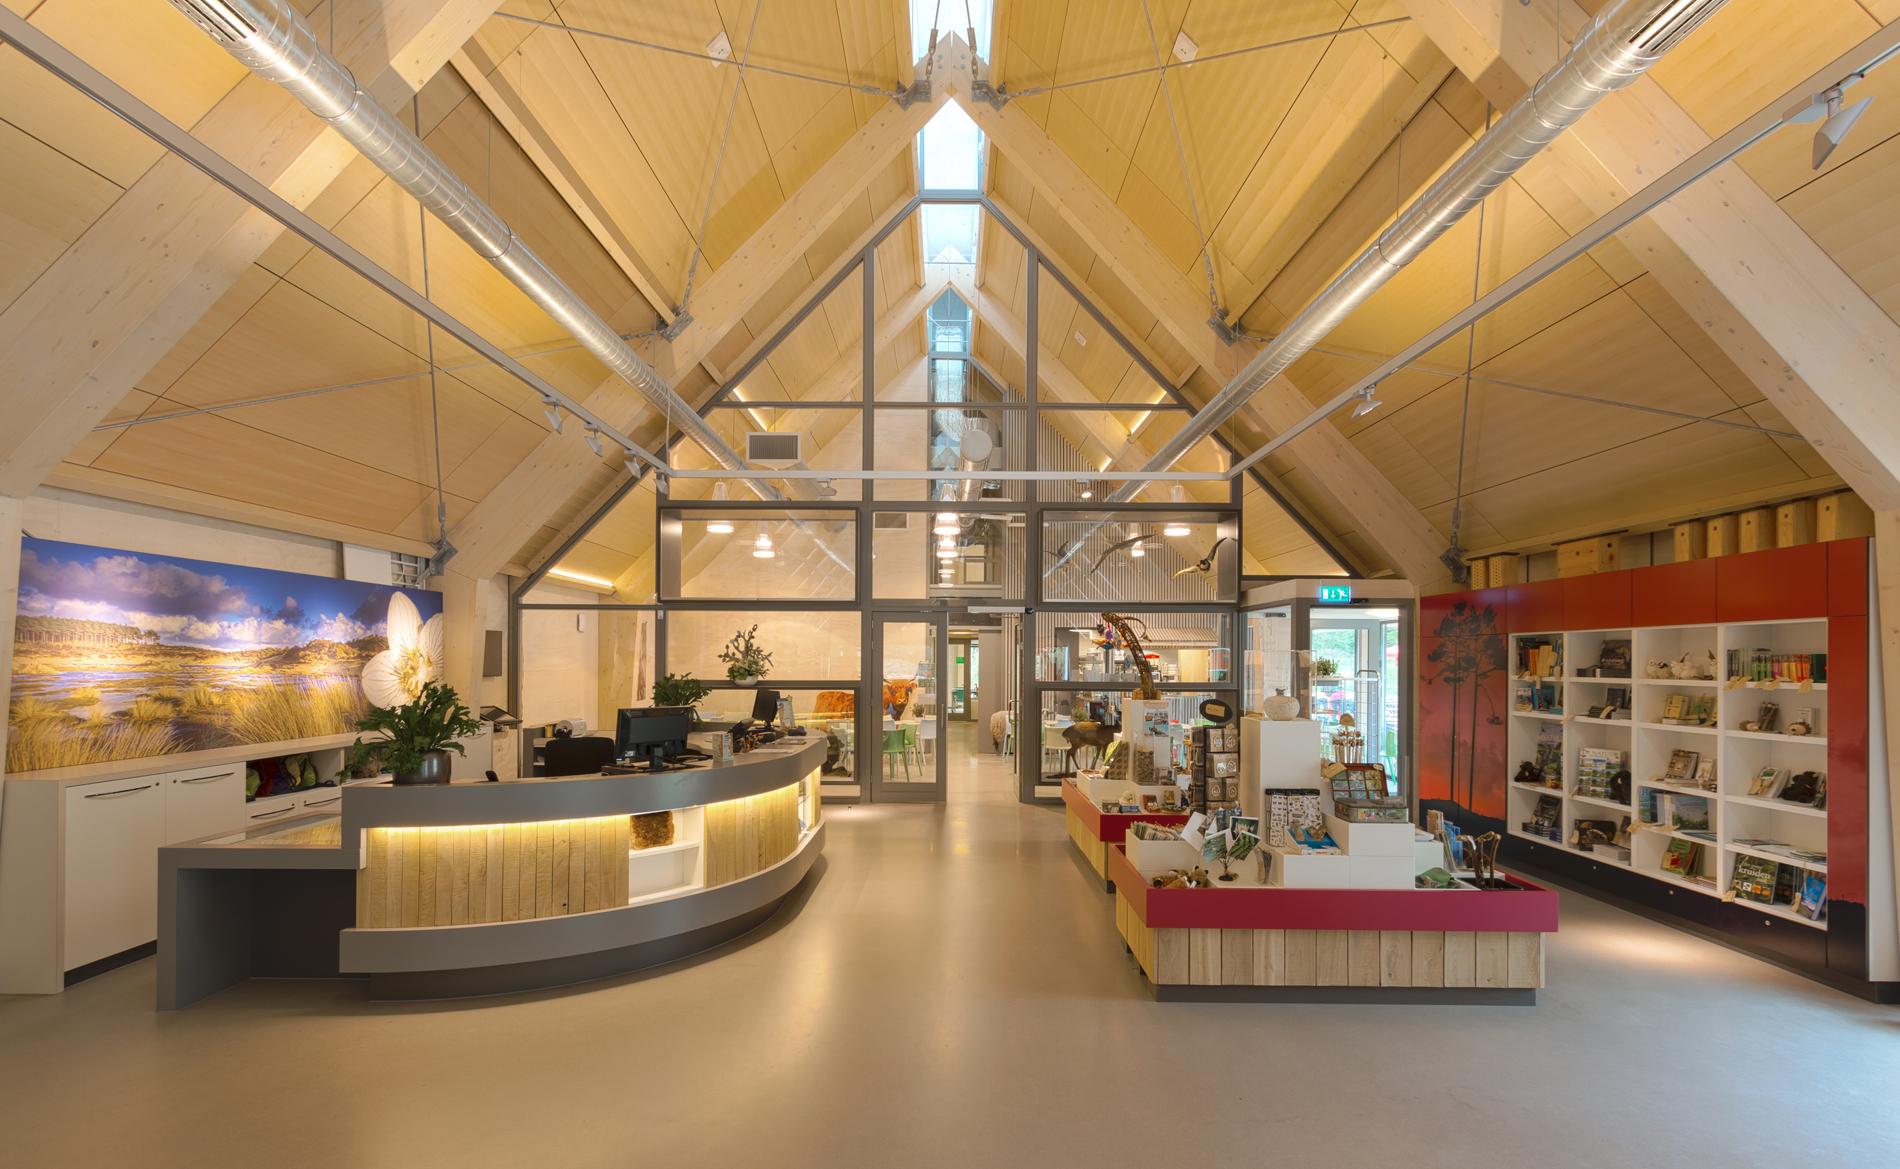 architect duurzaam bouwen Breeam bezoekerscentrum De Kennemerduinen Bloemendaal BBHD architecten Alkmaar moderne architectuur interieur